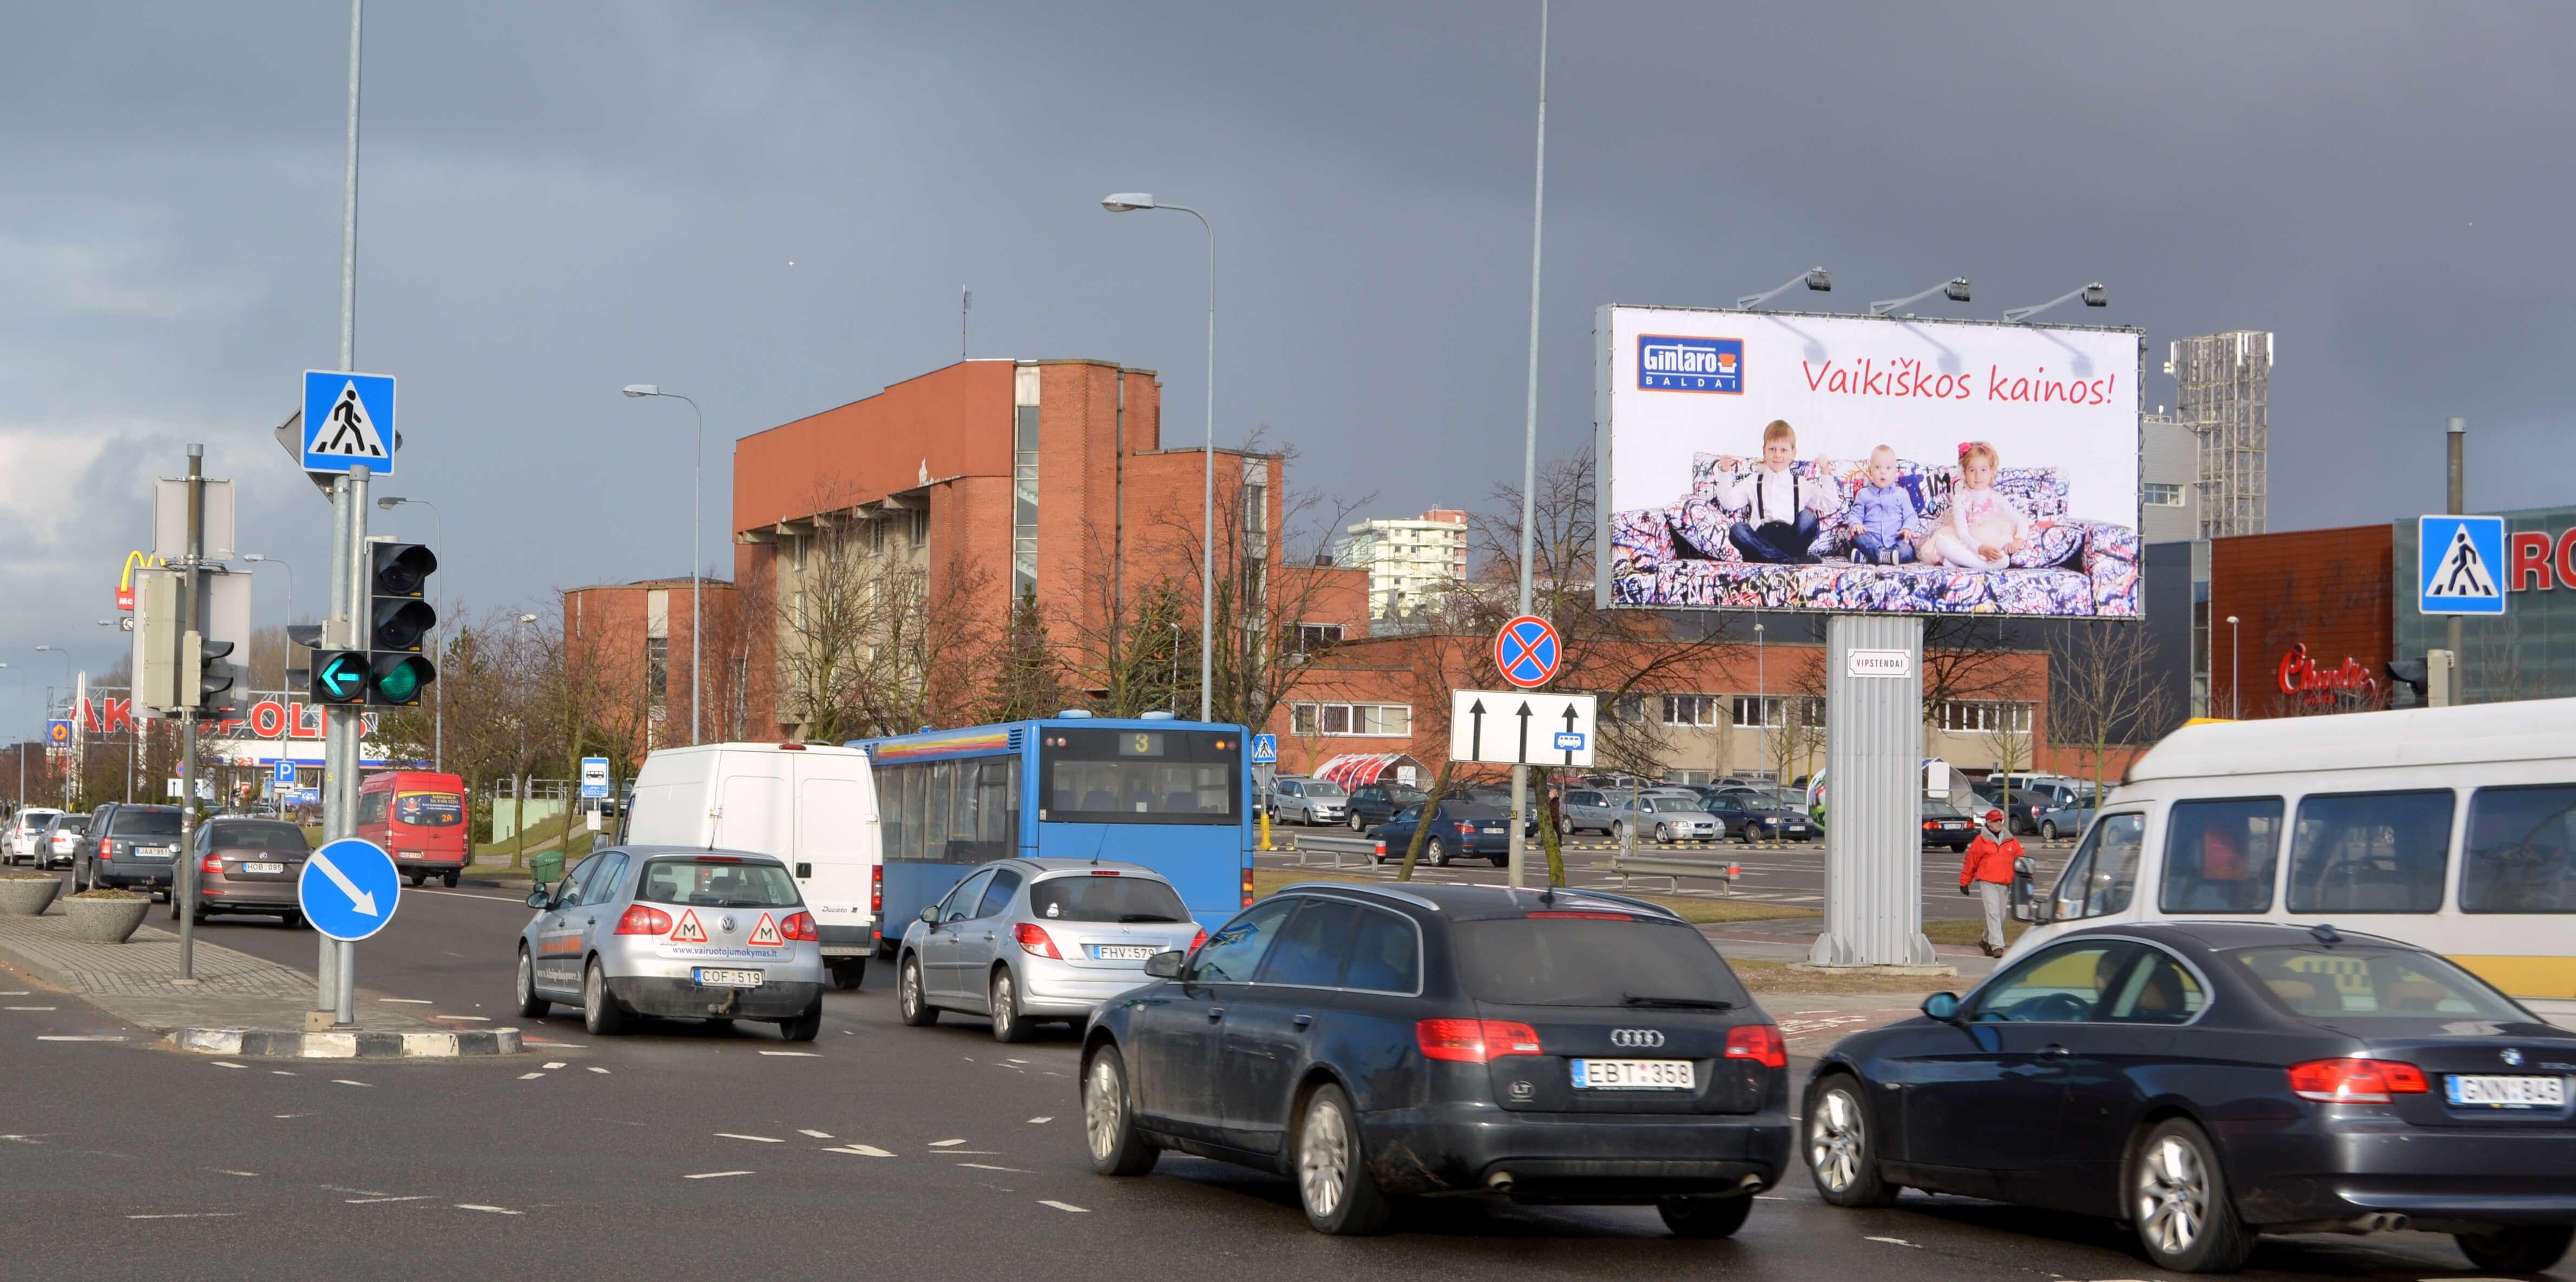 Reklaminiai stendai. Reklaminis stendas 6x3m. Lauko reklama Klaipėdoje.